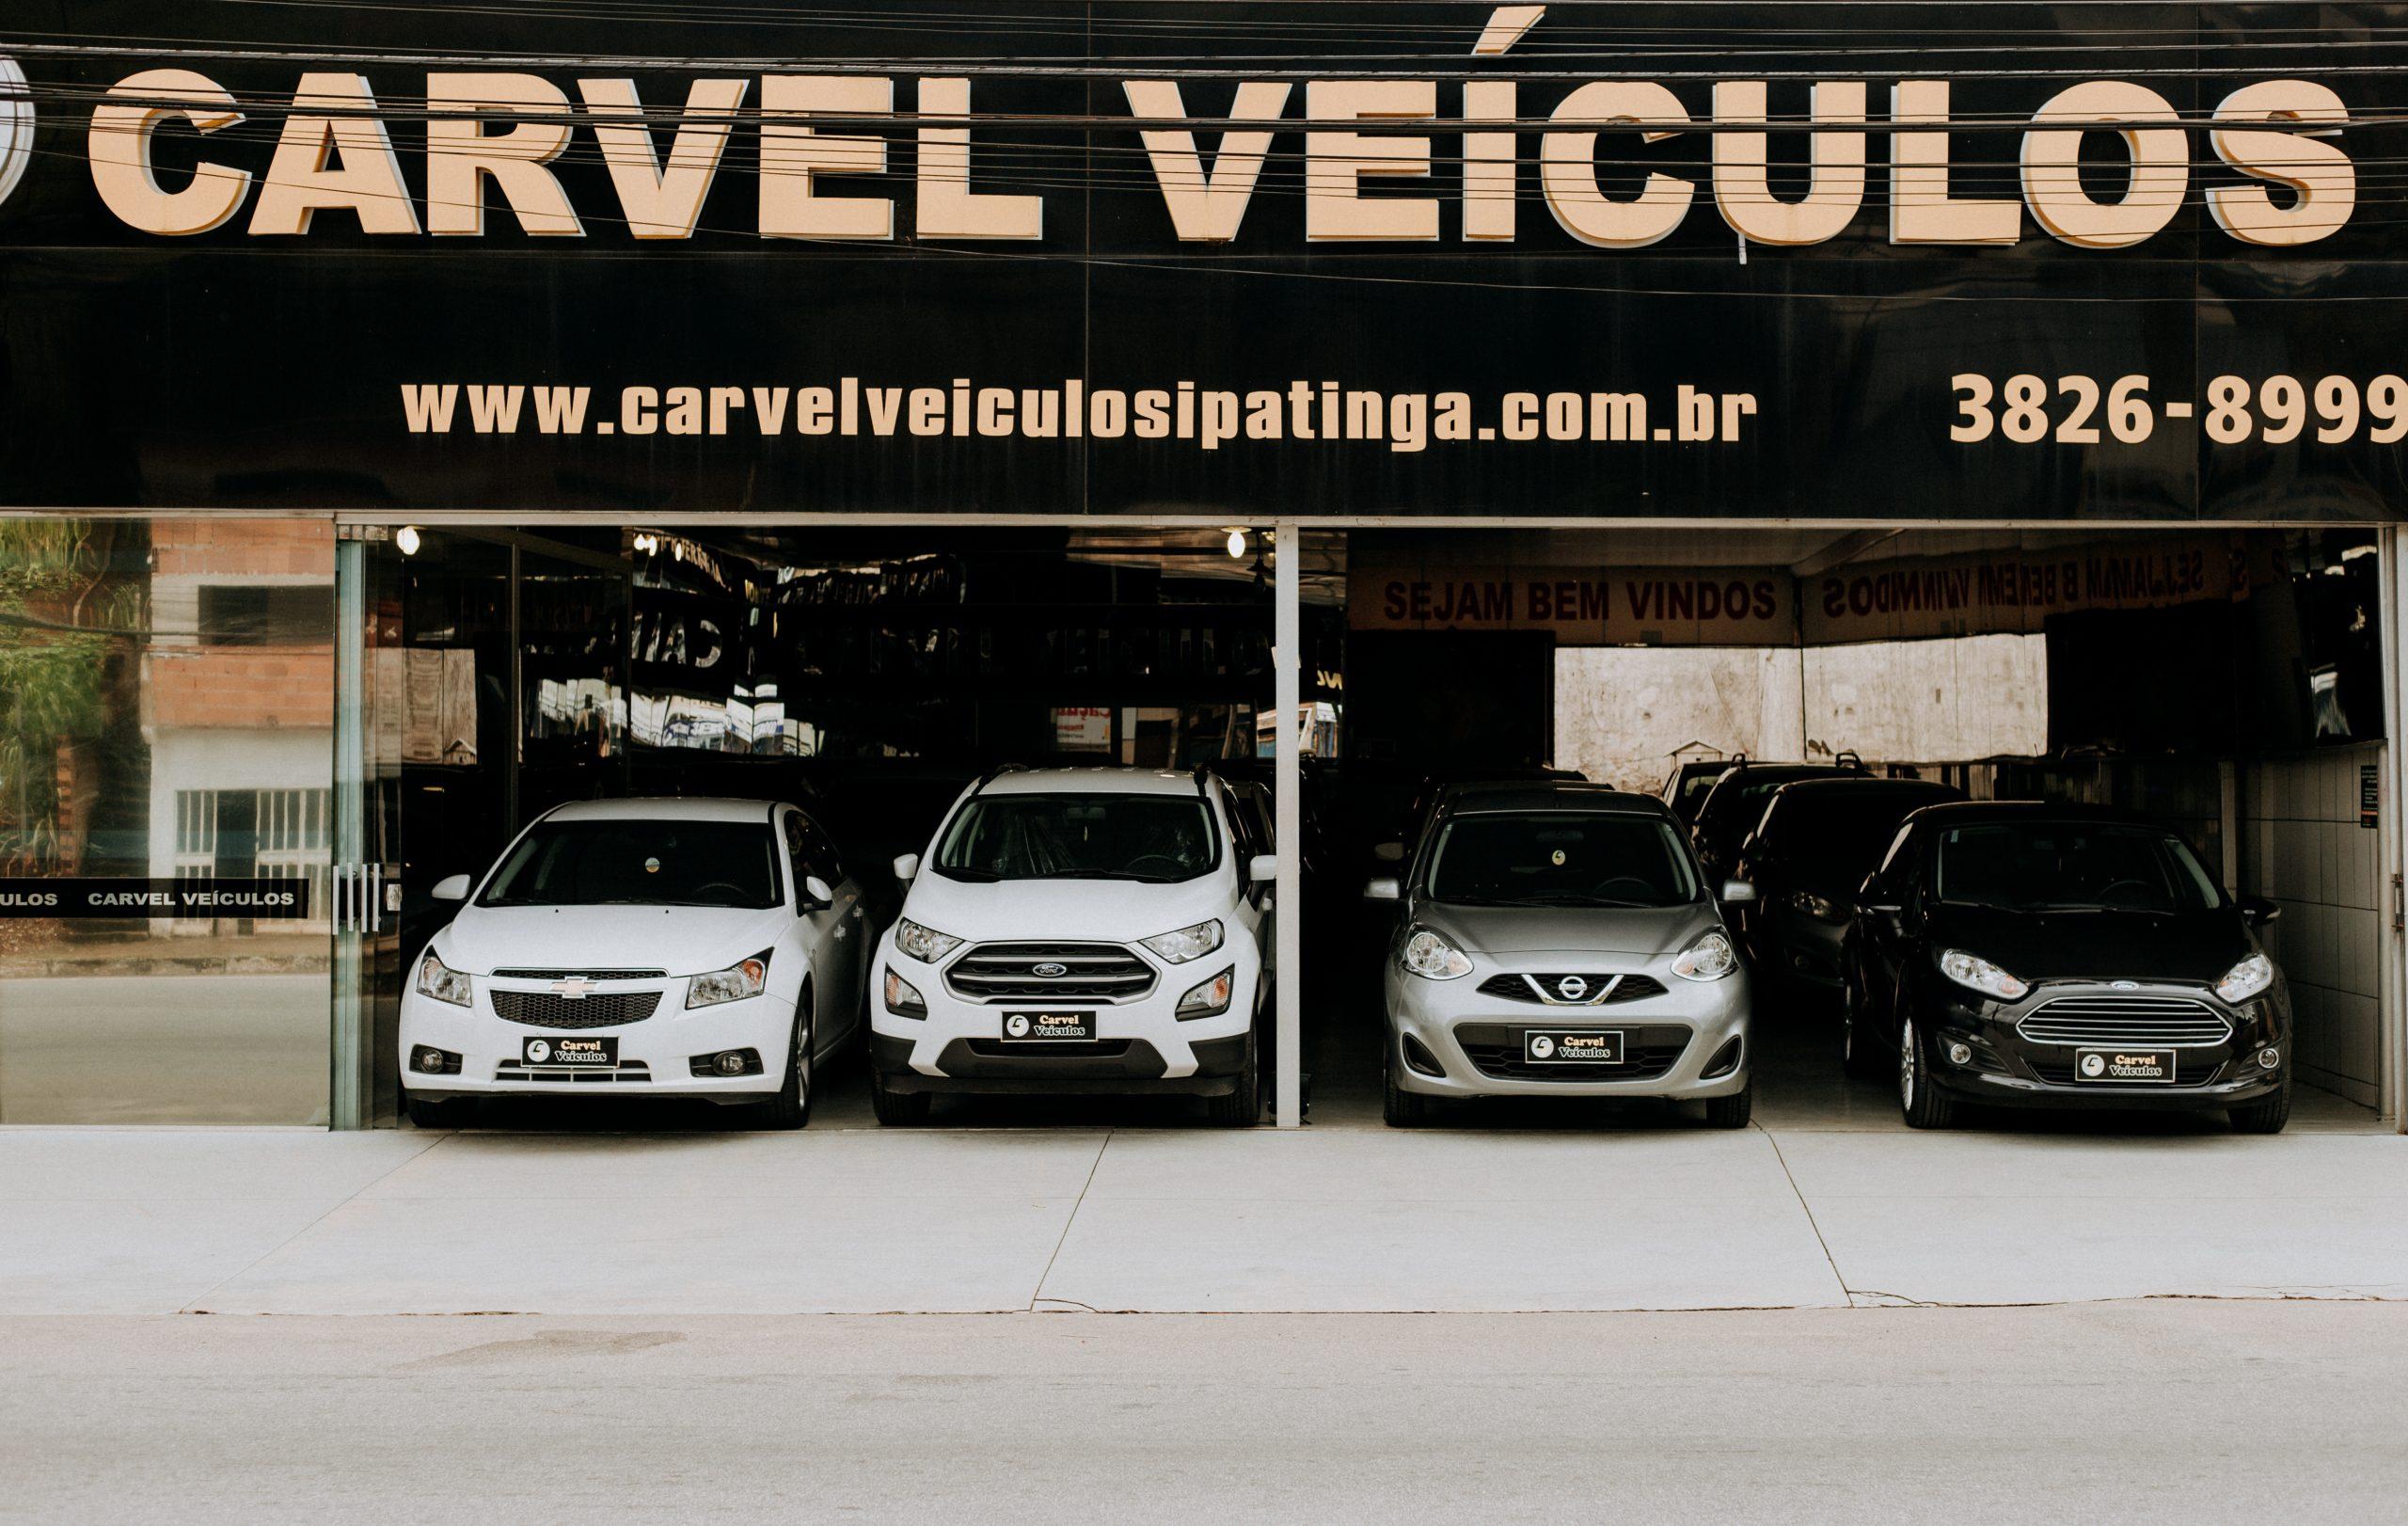 Carvel Veículos